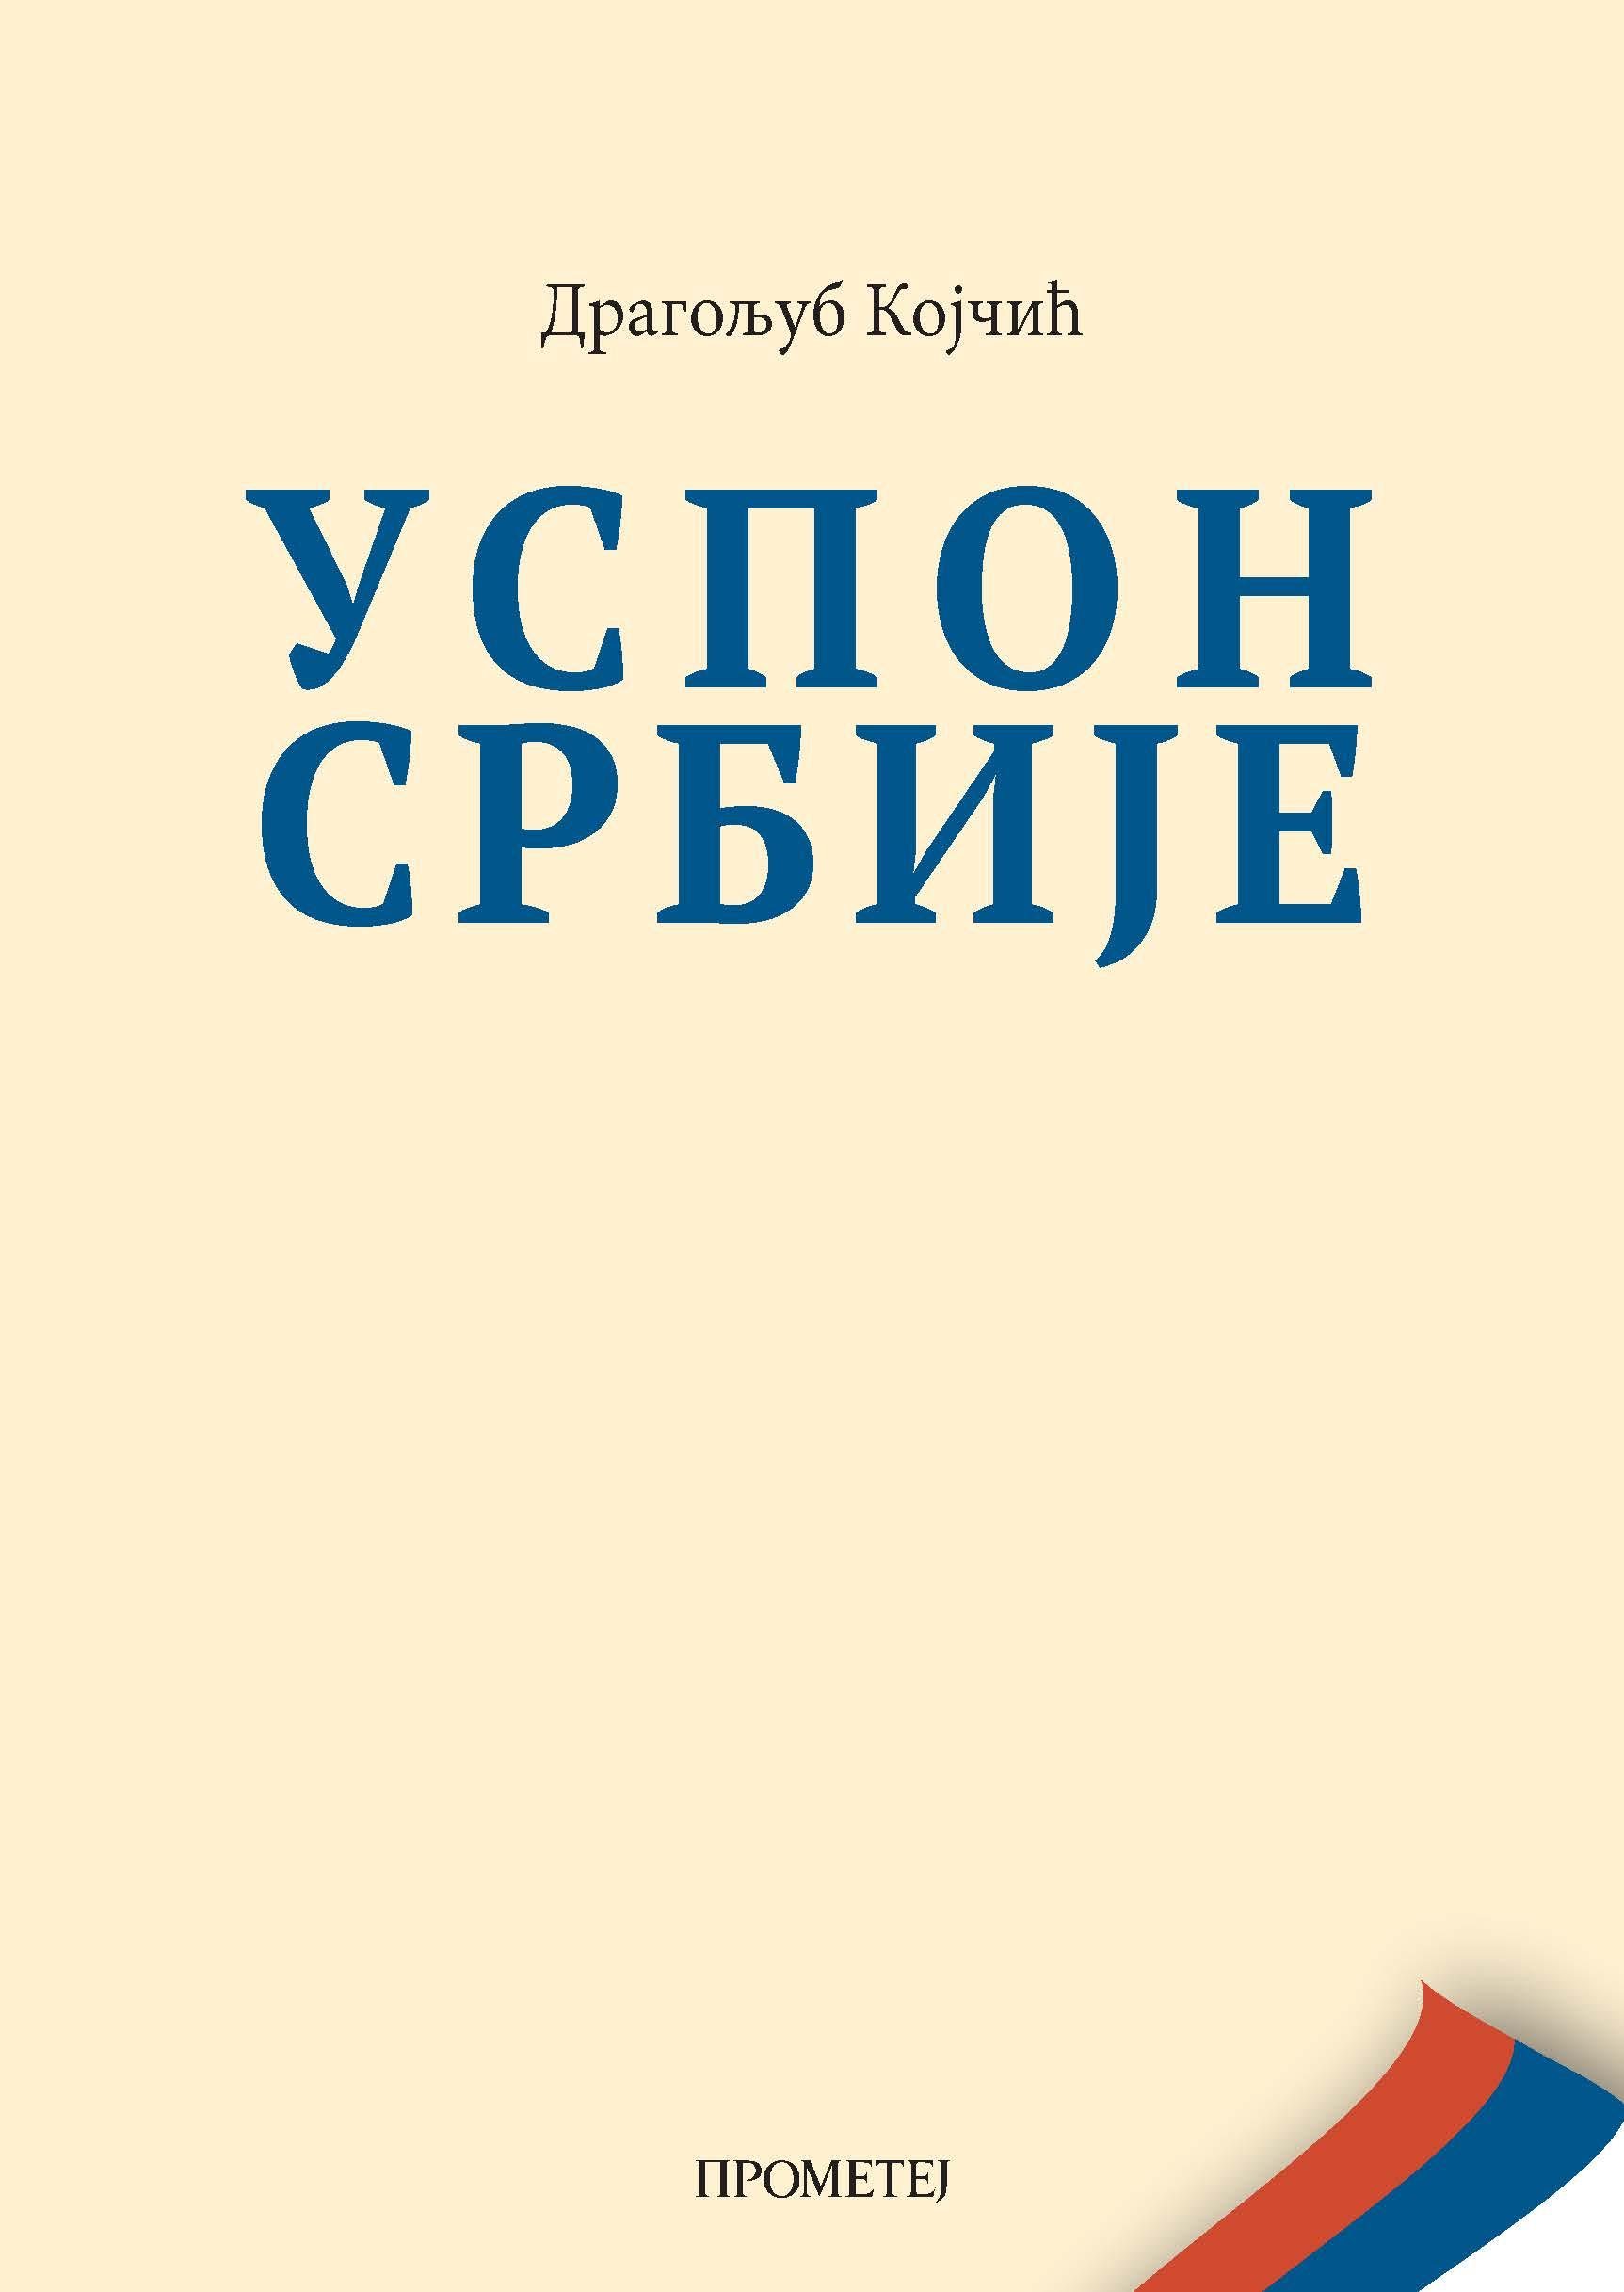 Успон Србије